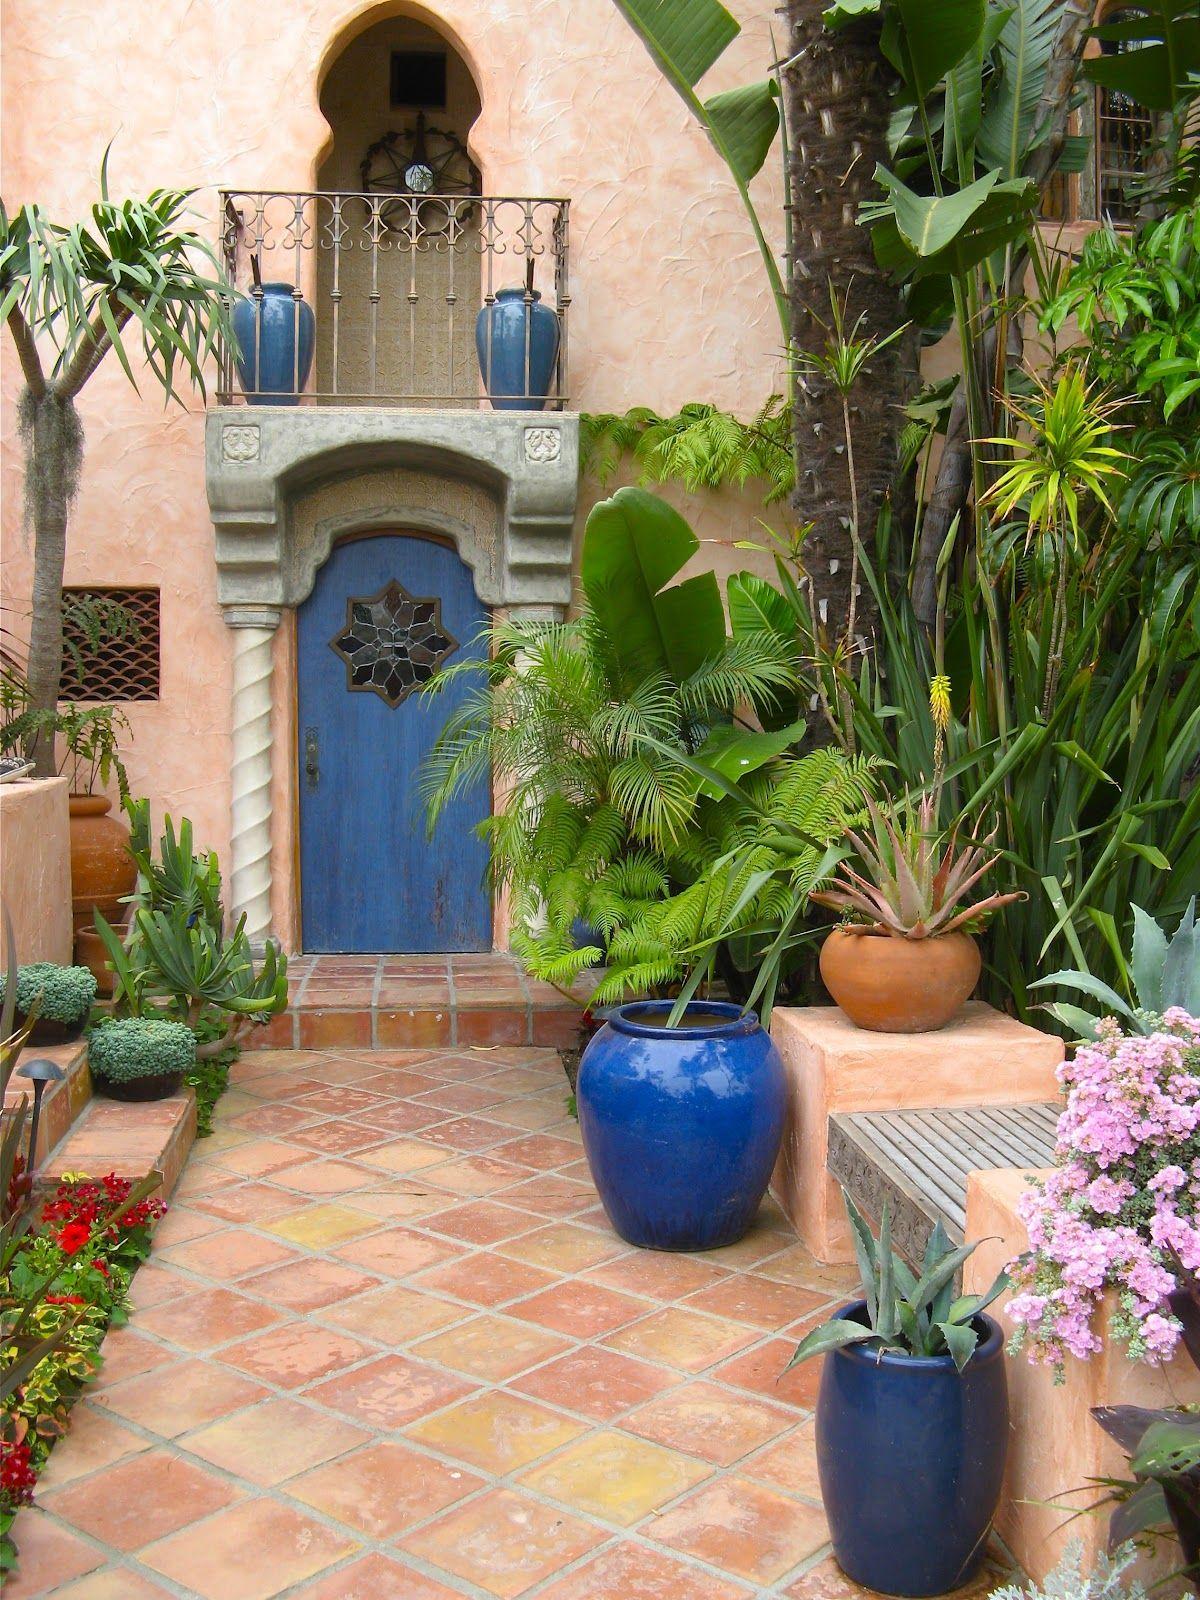 Landscaping Tips That Can Help You Out Useful Garden Ideas And Tips Moroccan Garden Patio Design Garden Tiles